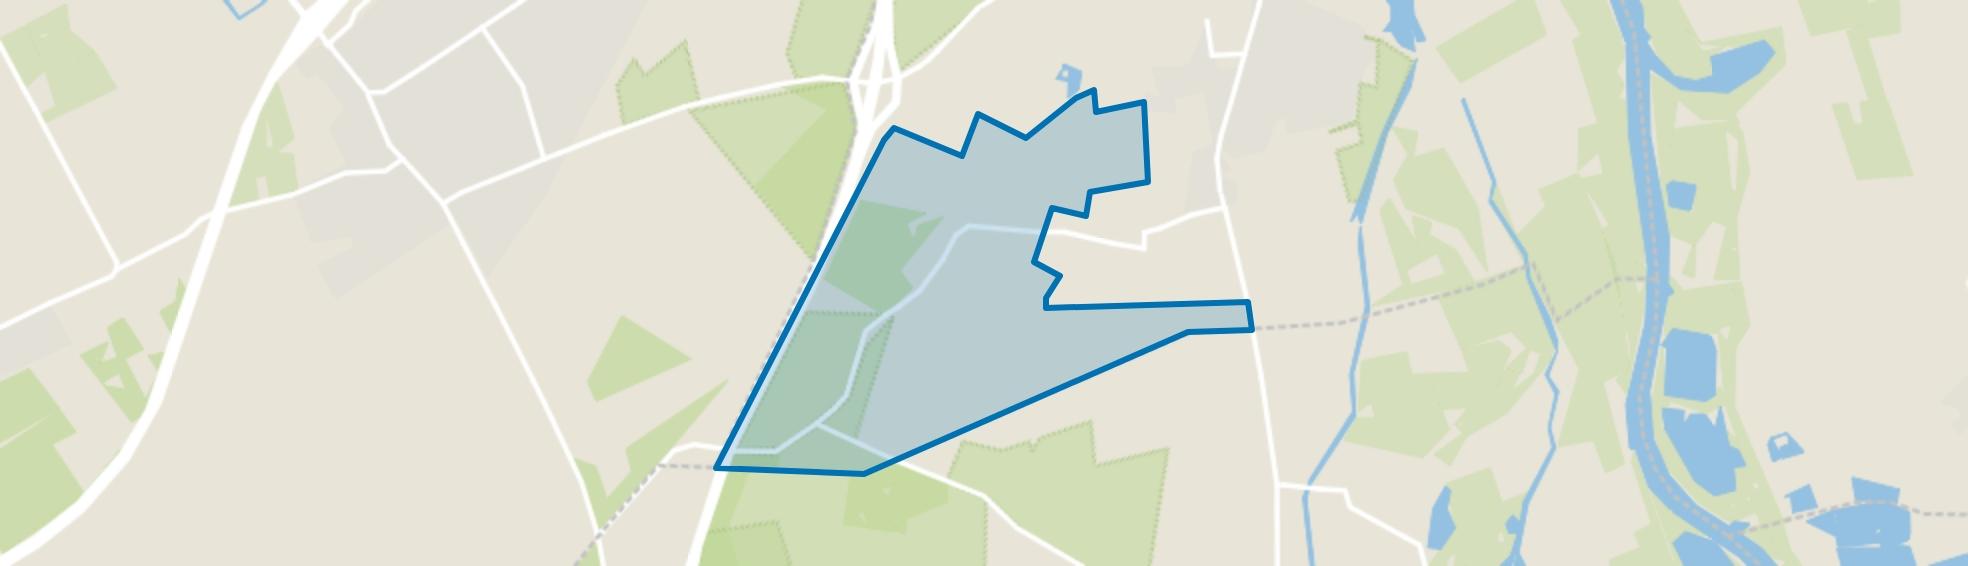 Verspreide huizen bosgebied, Hattem map